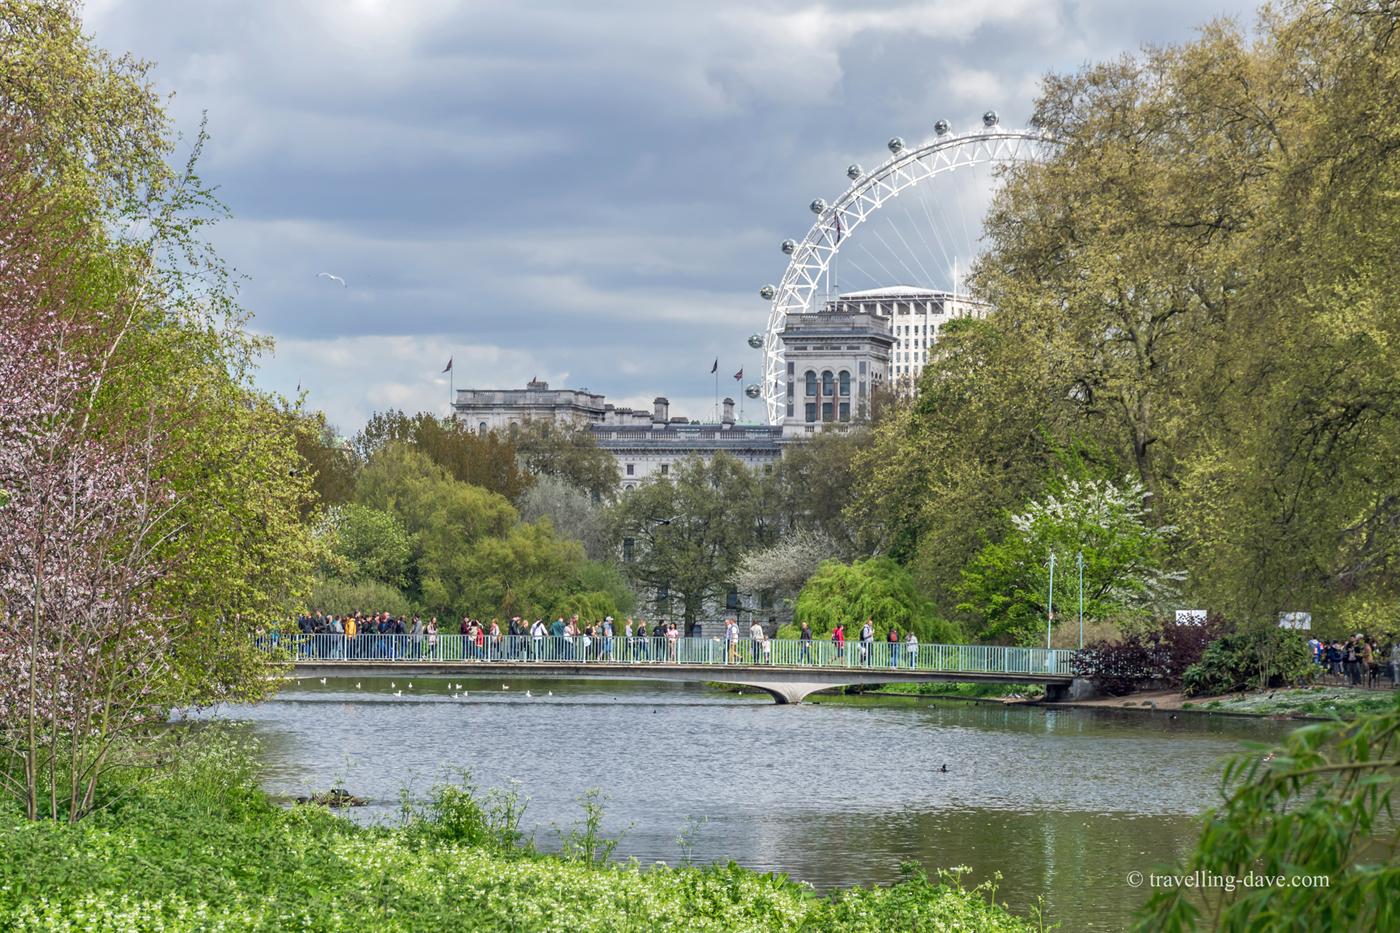 View of St.James's Park's Blue Bridge